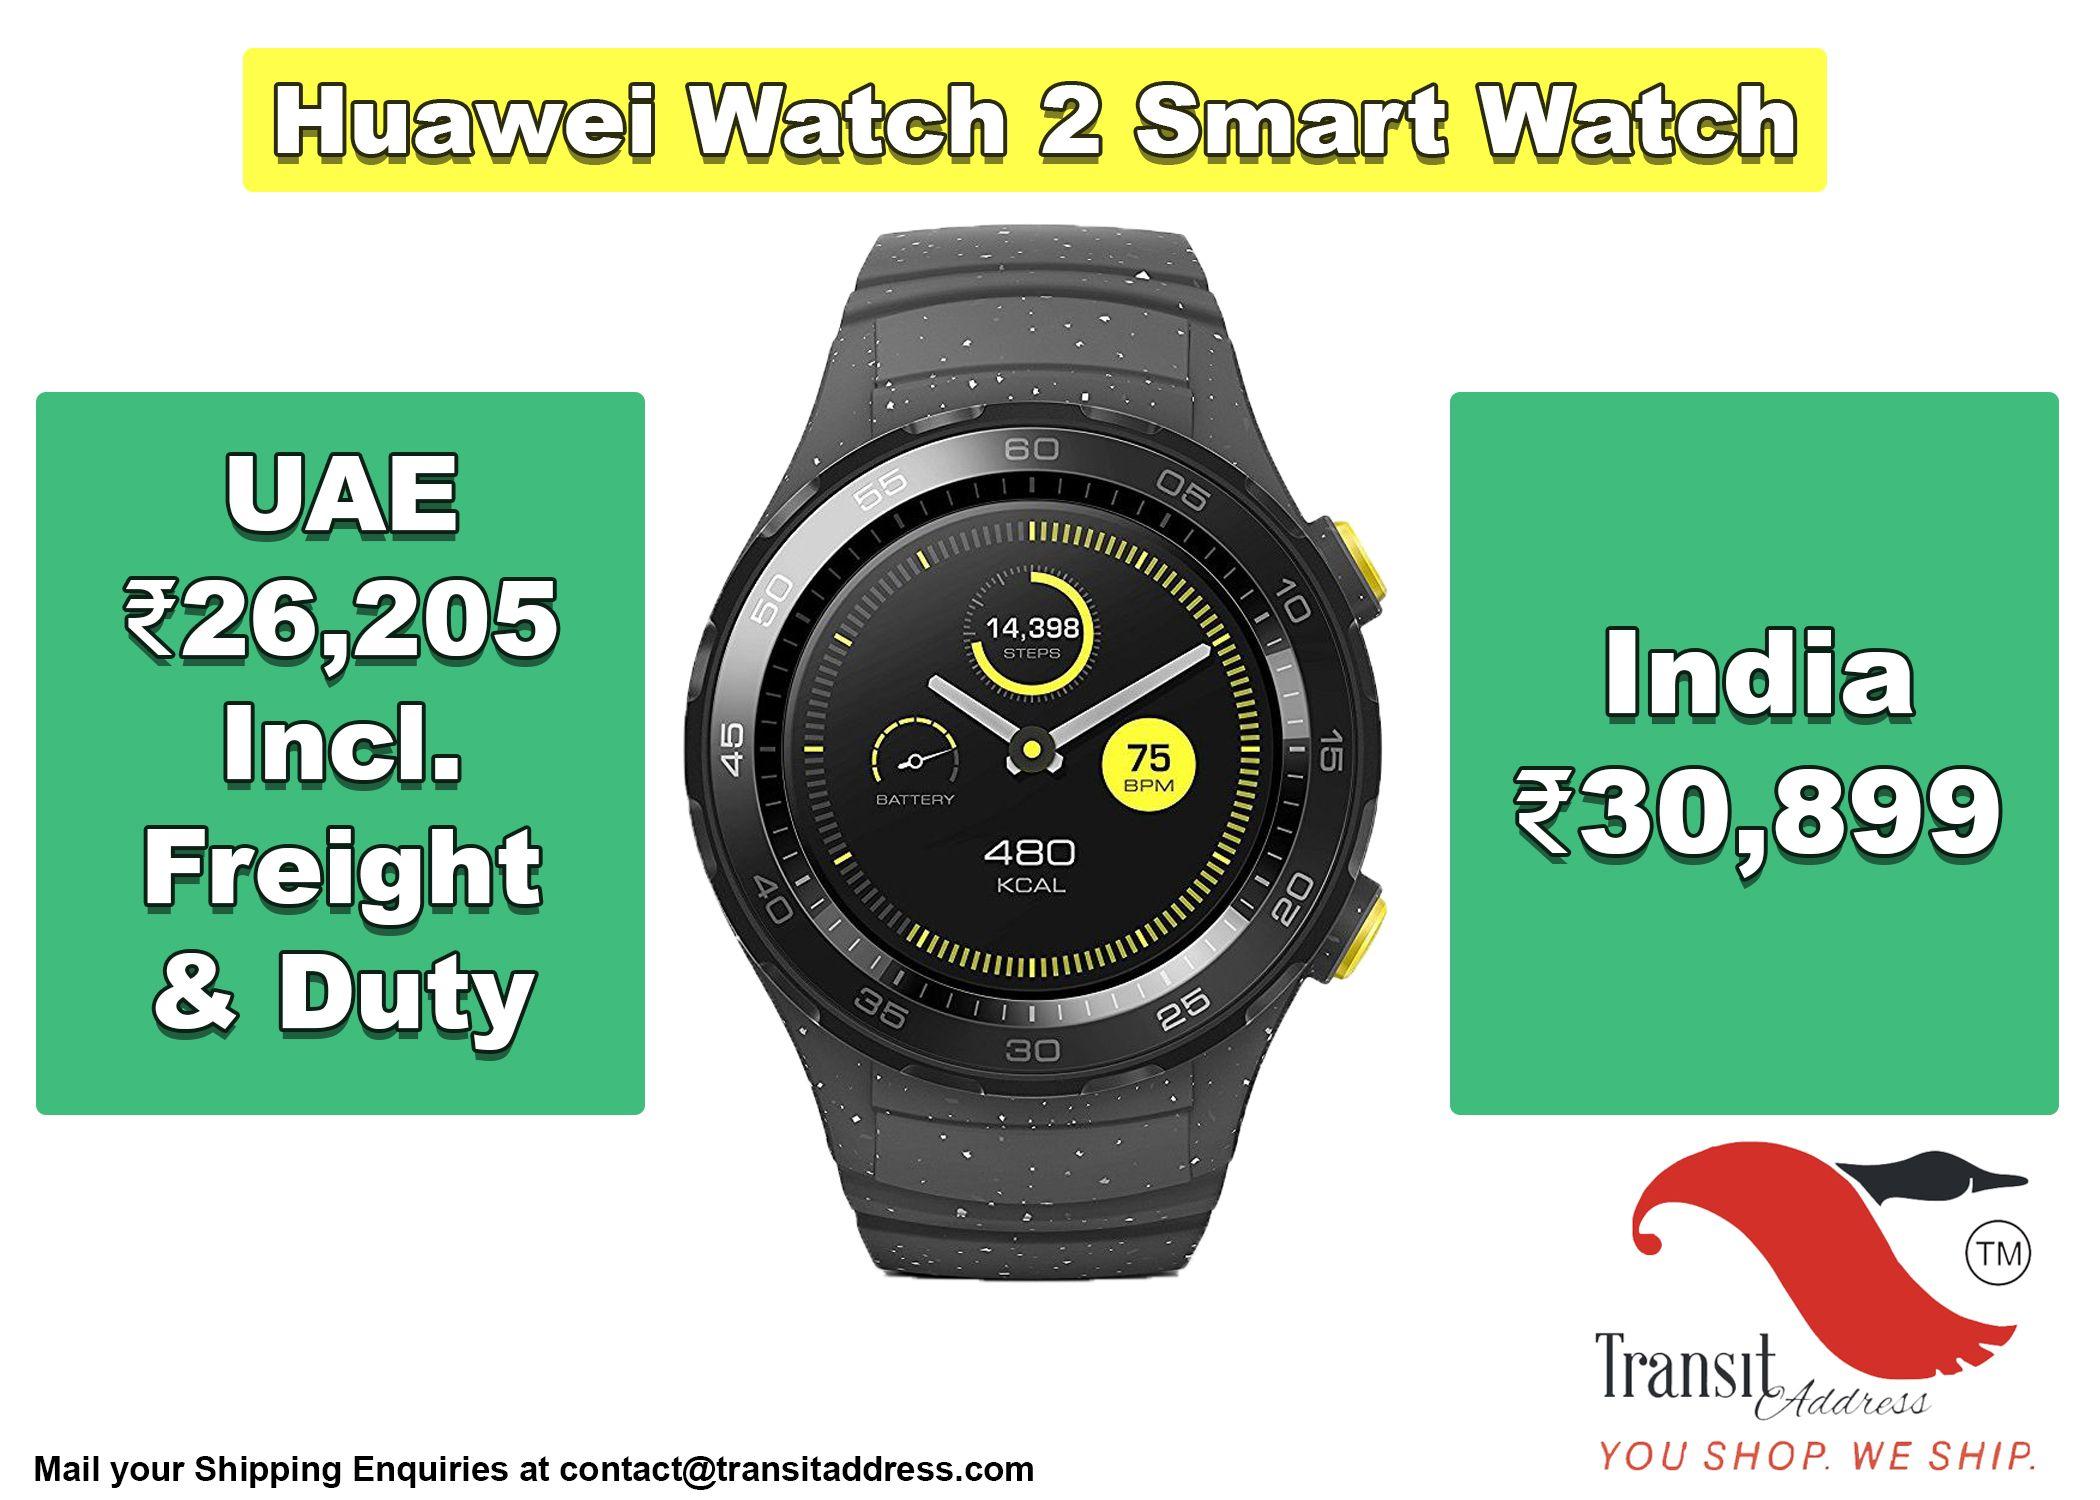 Buy Huawei Watch 2 from Dubai  For Indian #shipping